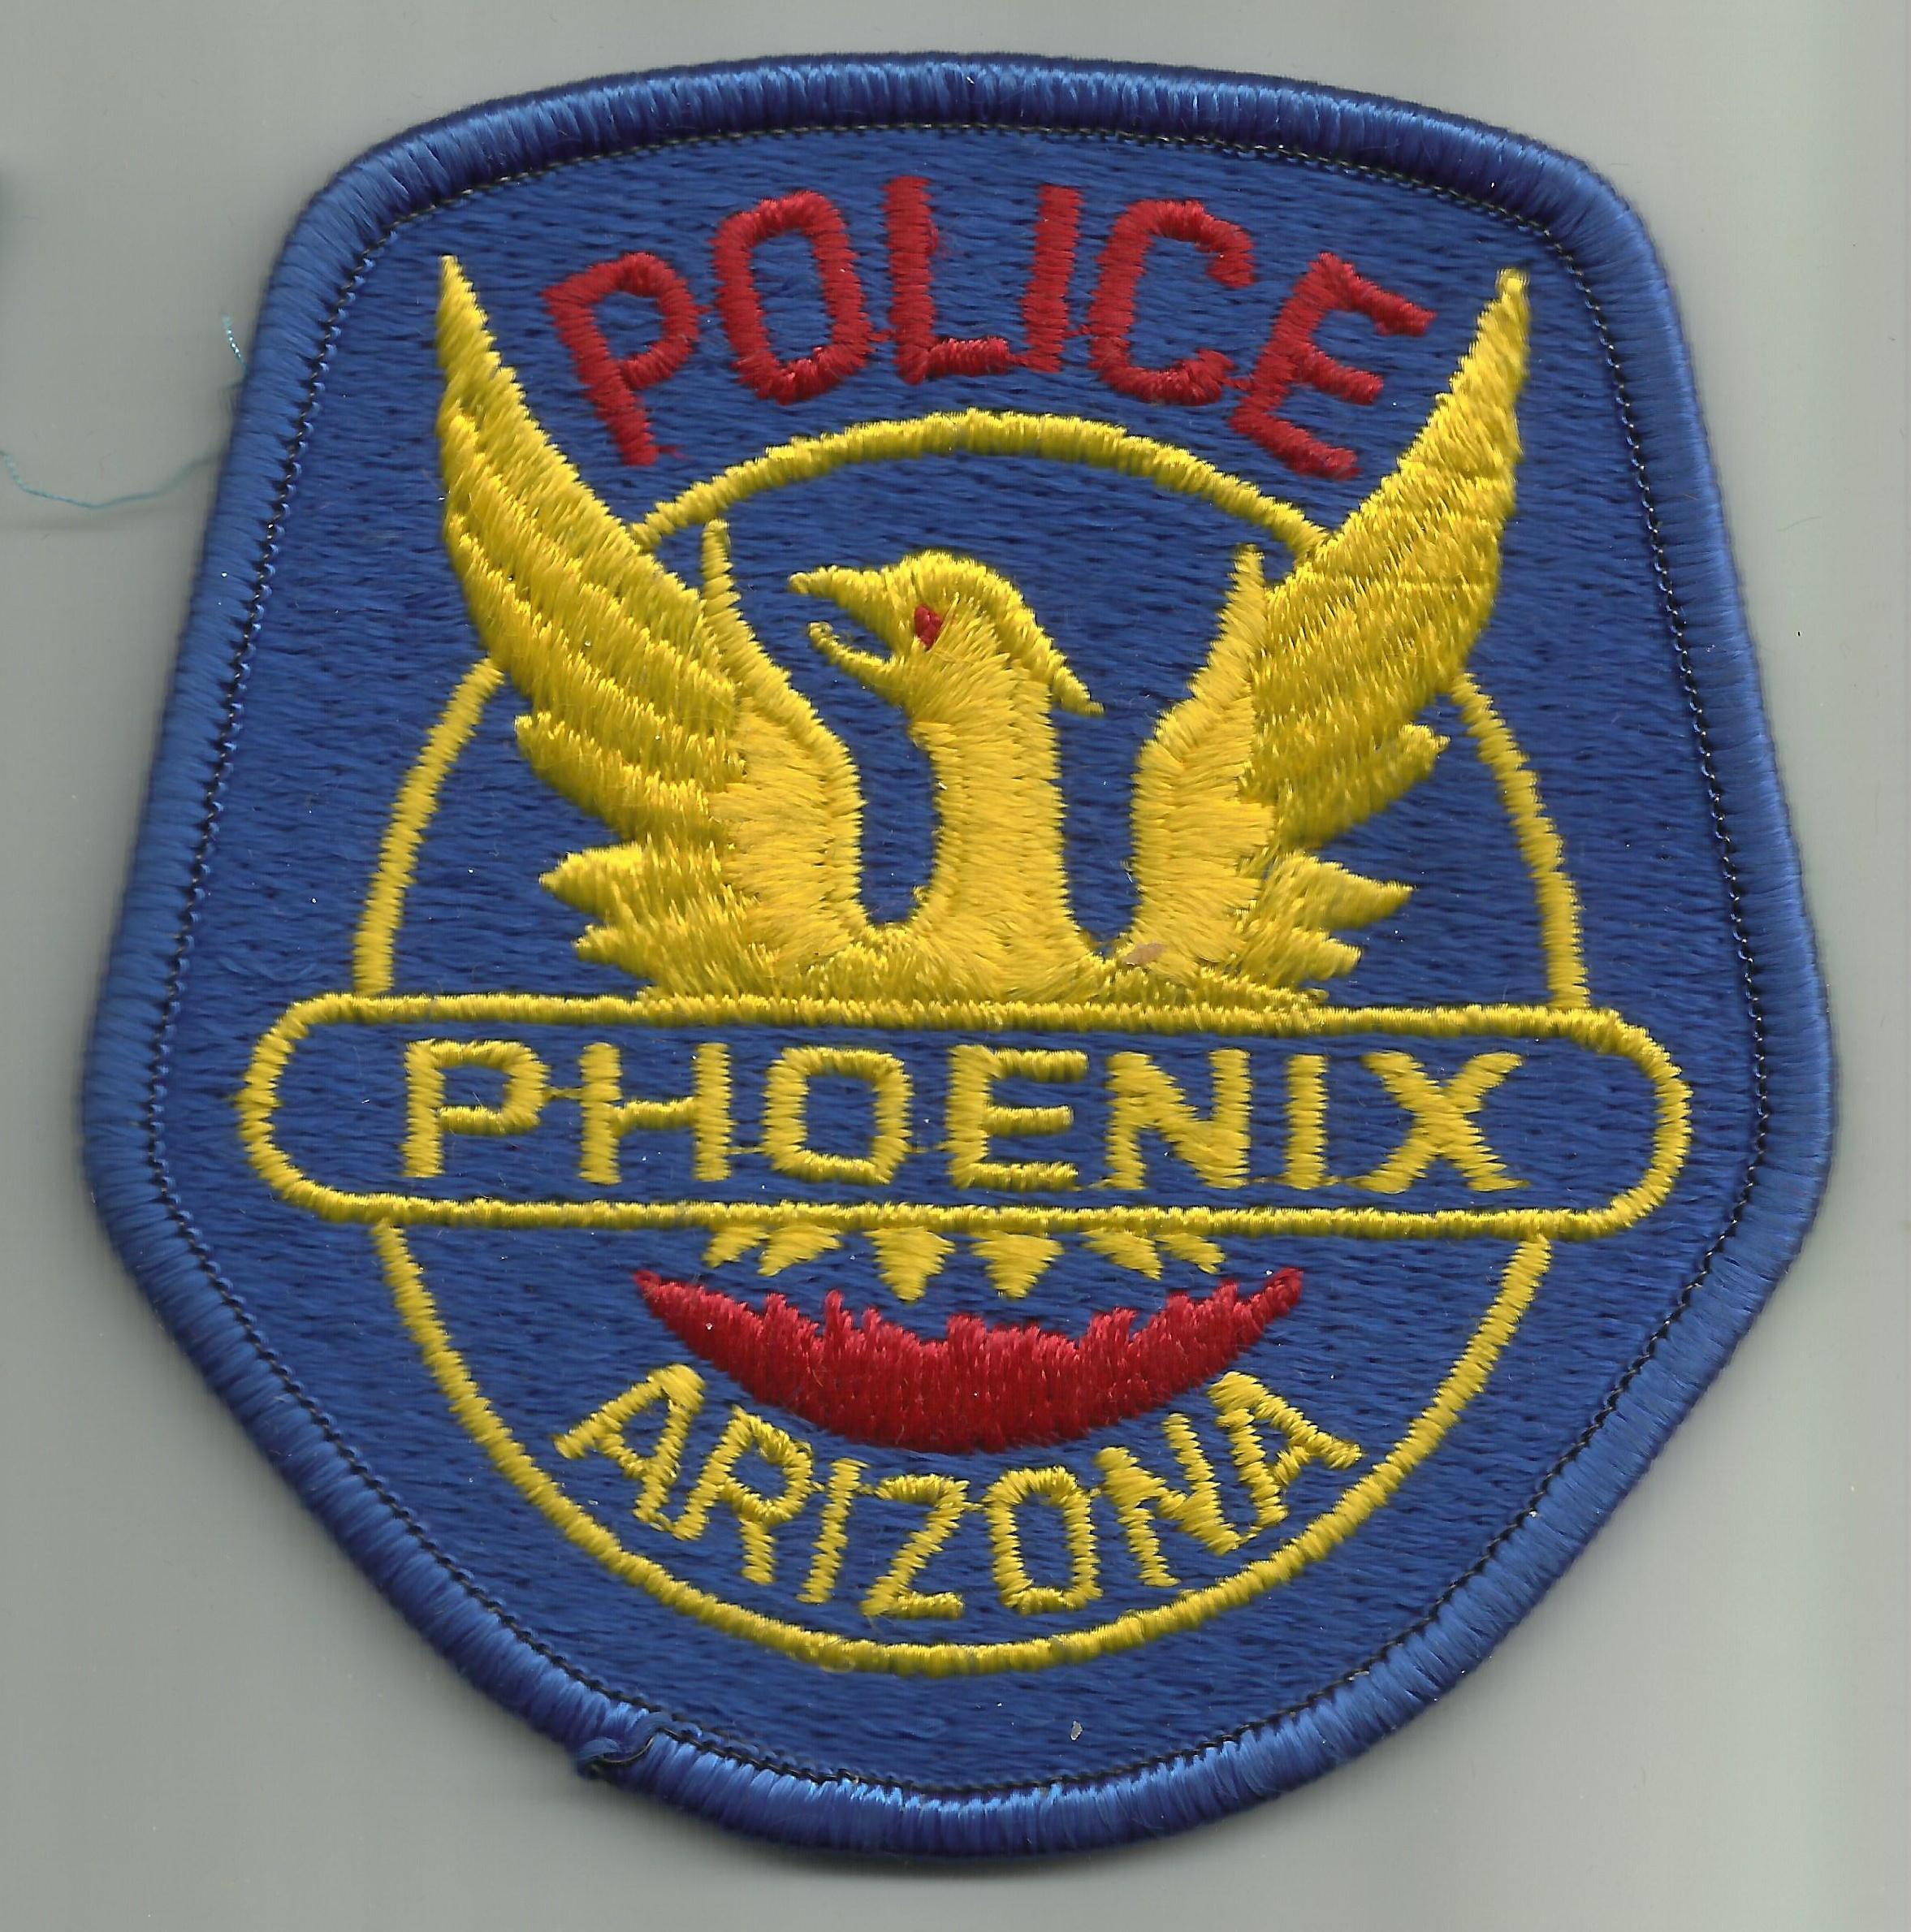 USA_-_ARIZONA_-_Phoenix_police